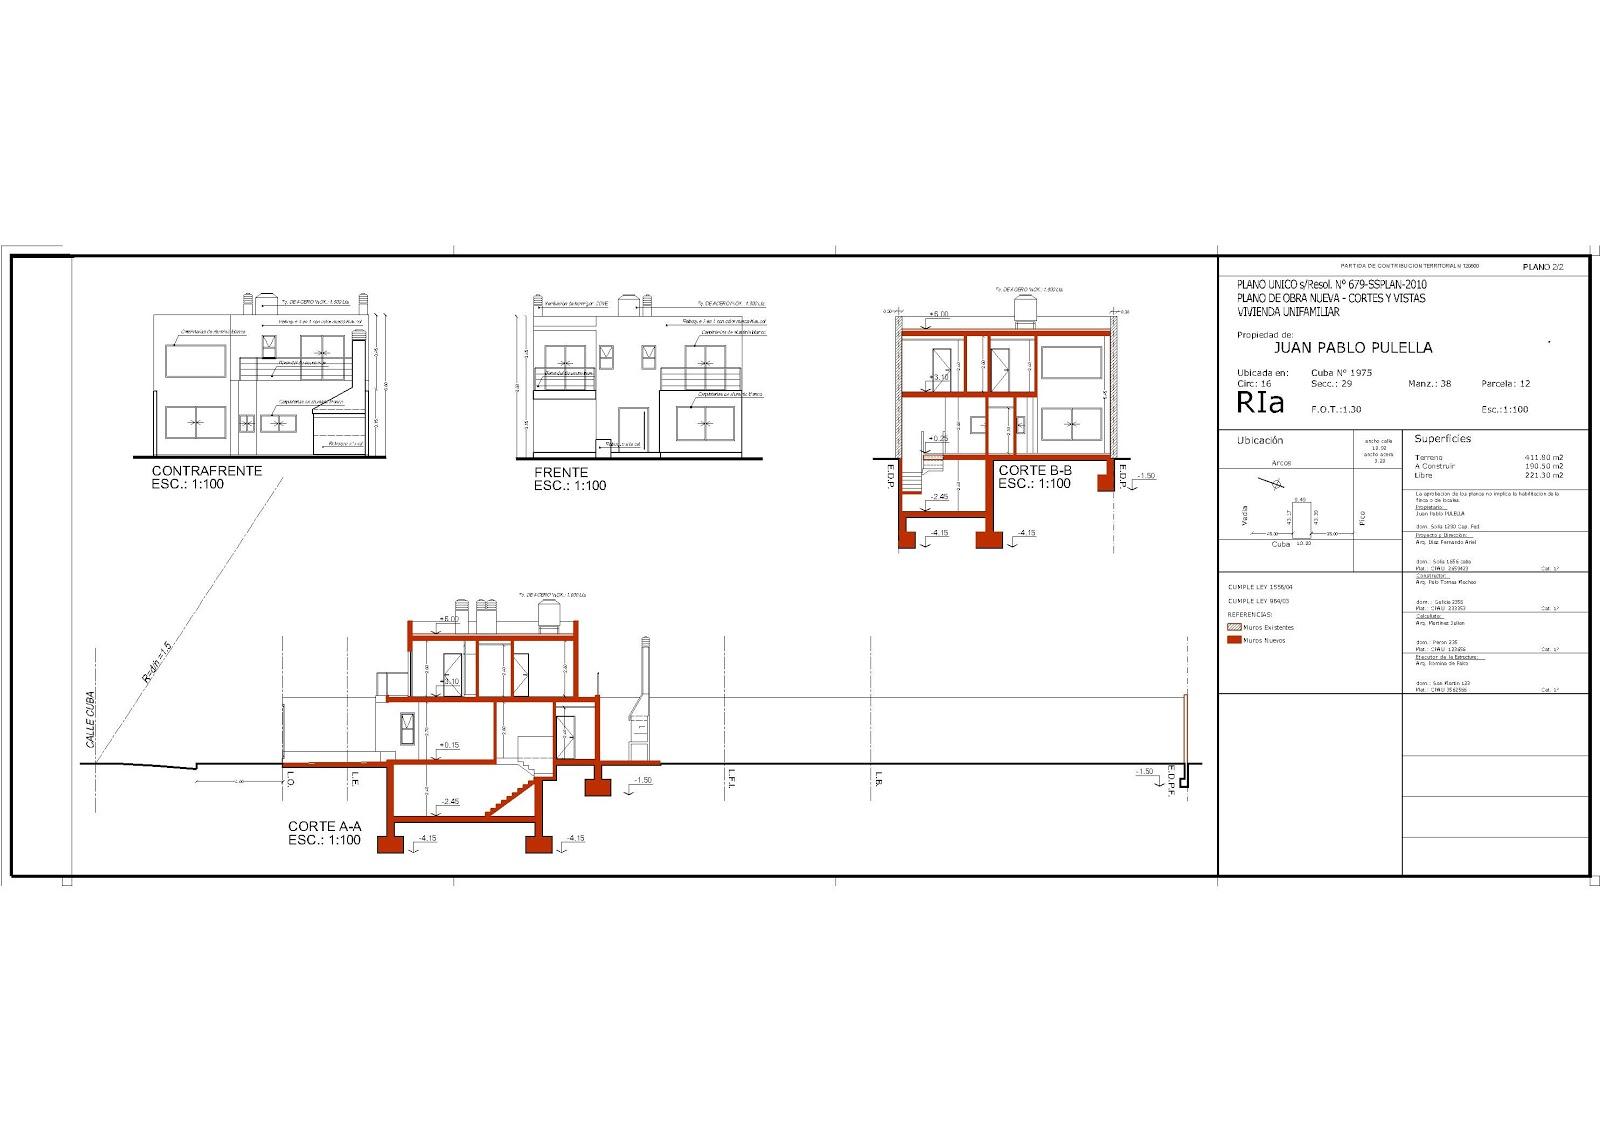 Direccion y legislacion de obra plano municipal plano for Hacer planos en linea